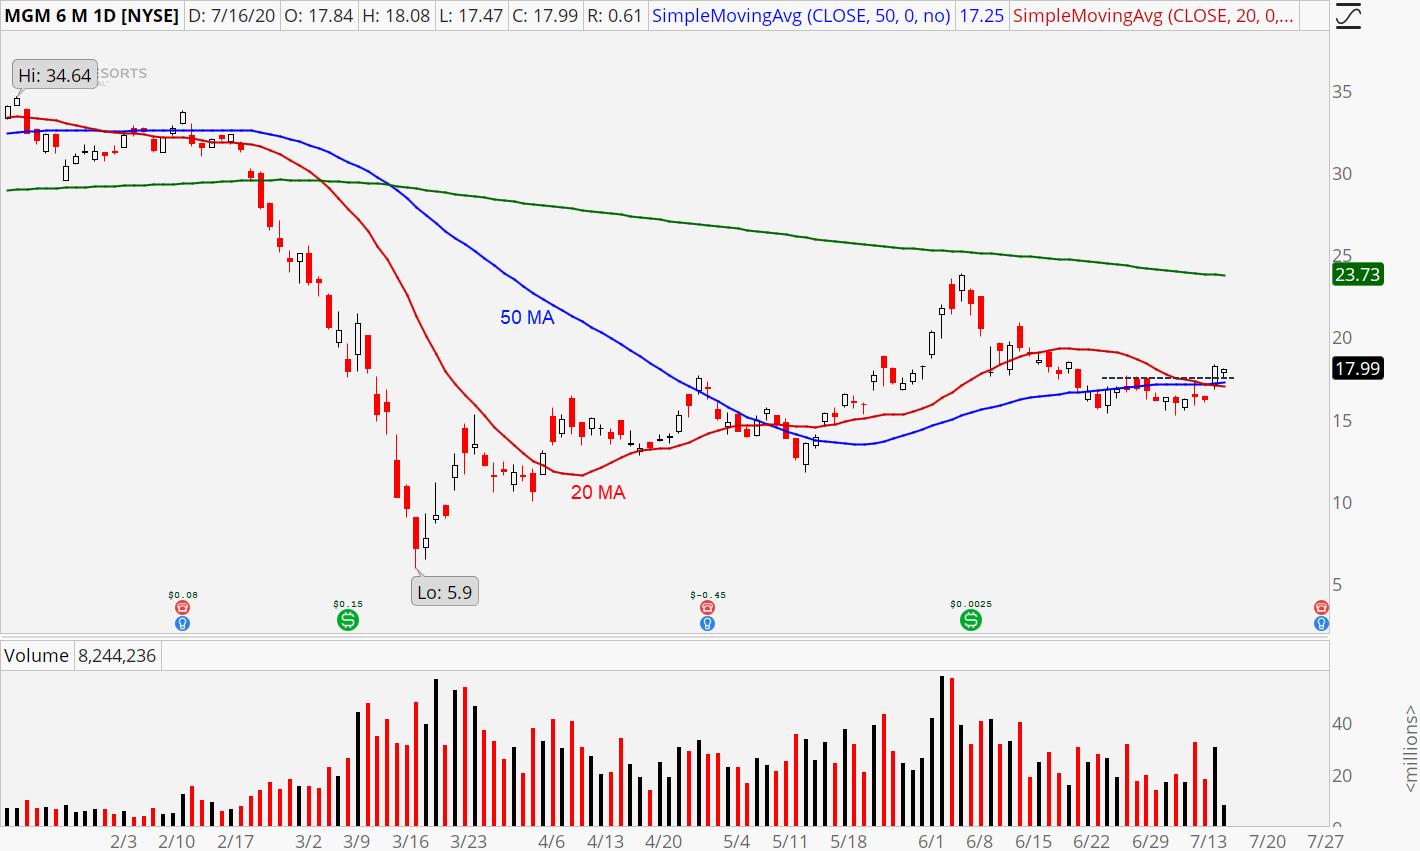 MGM Resorts (MGM) stock chart showing breakout pattern